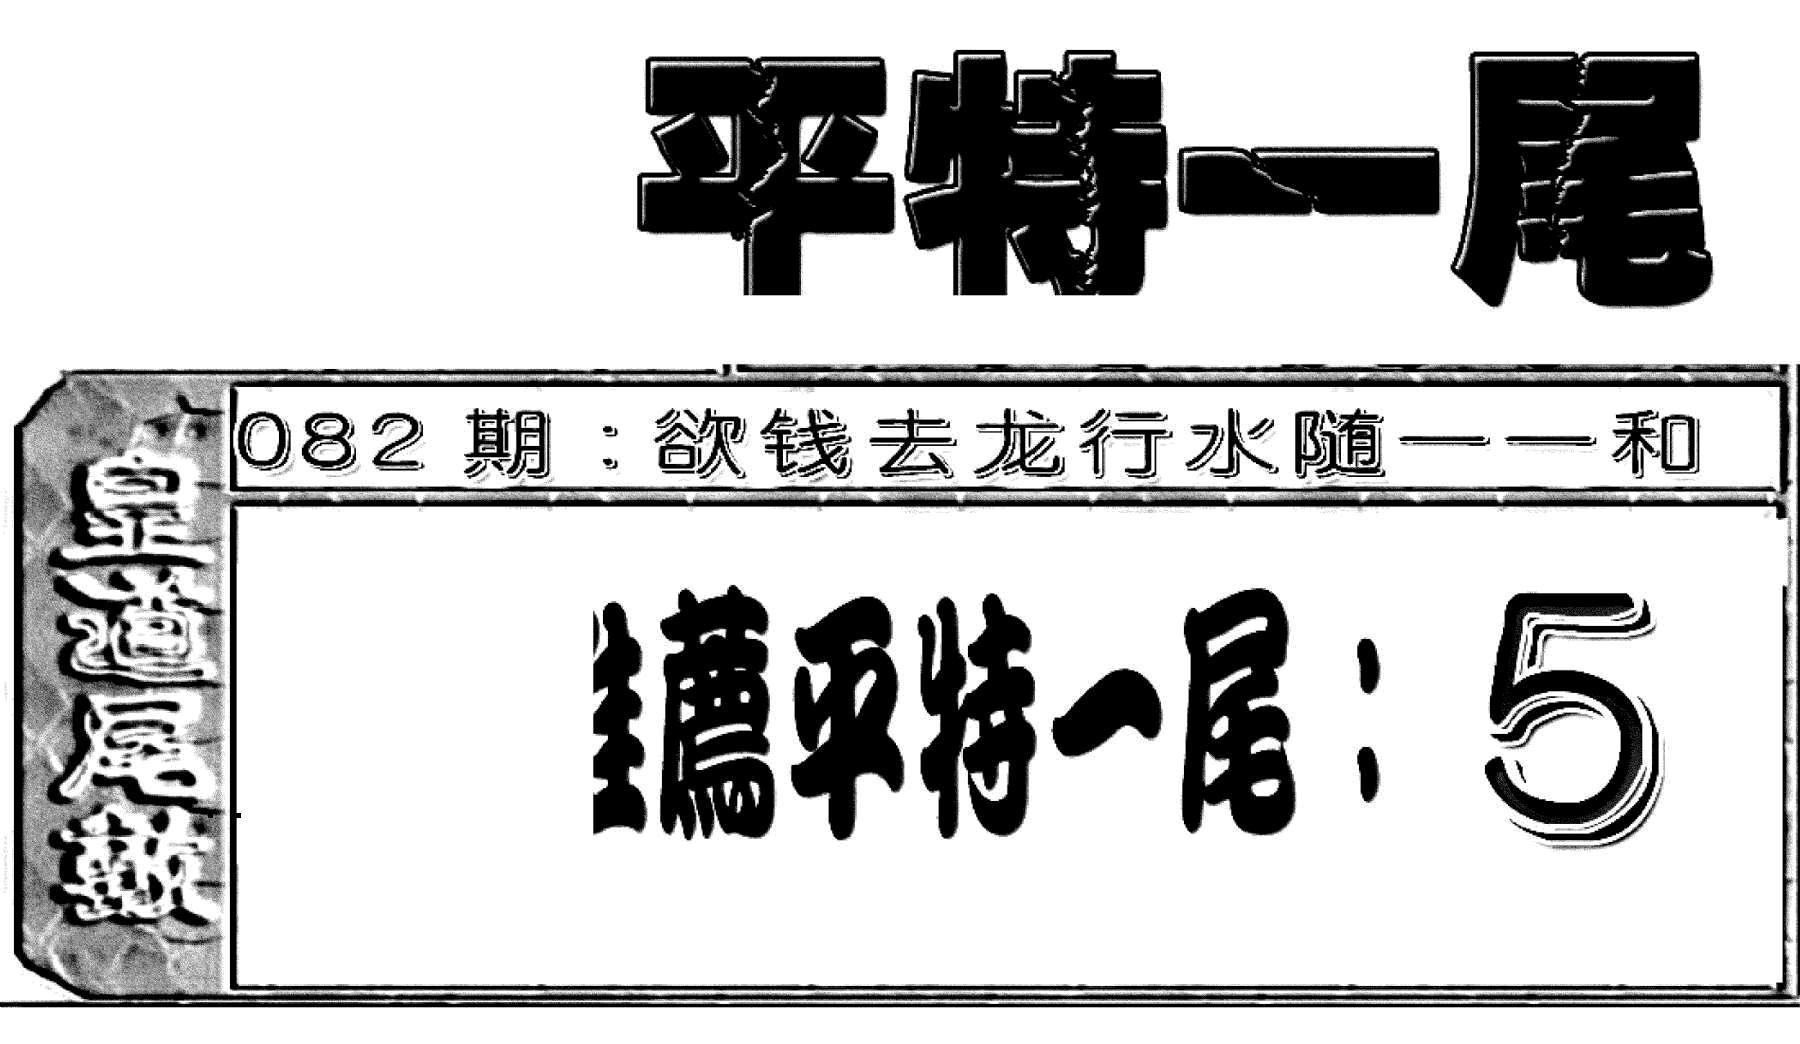 082期六合聚宝盆(黑白)